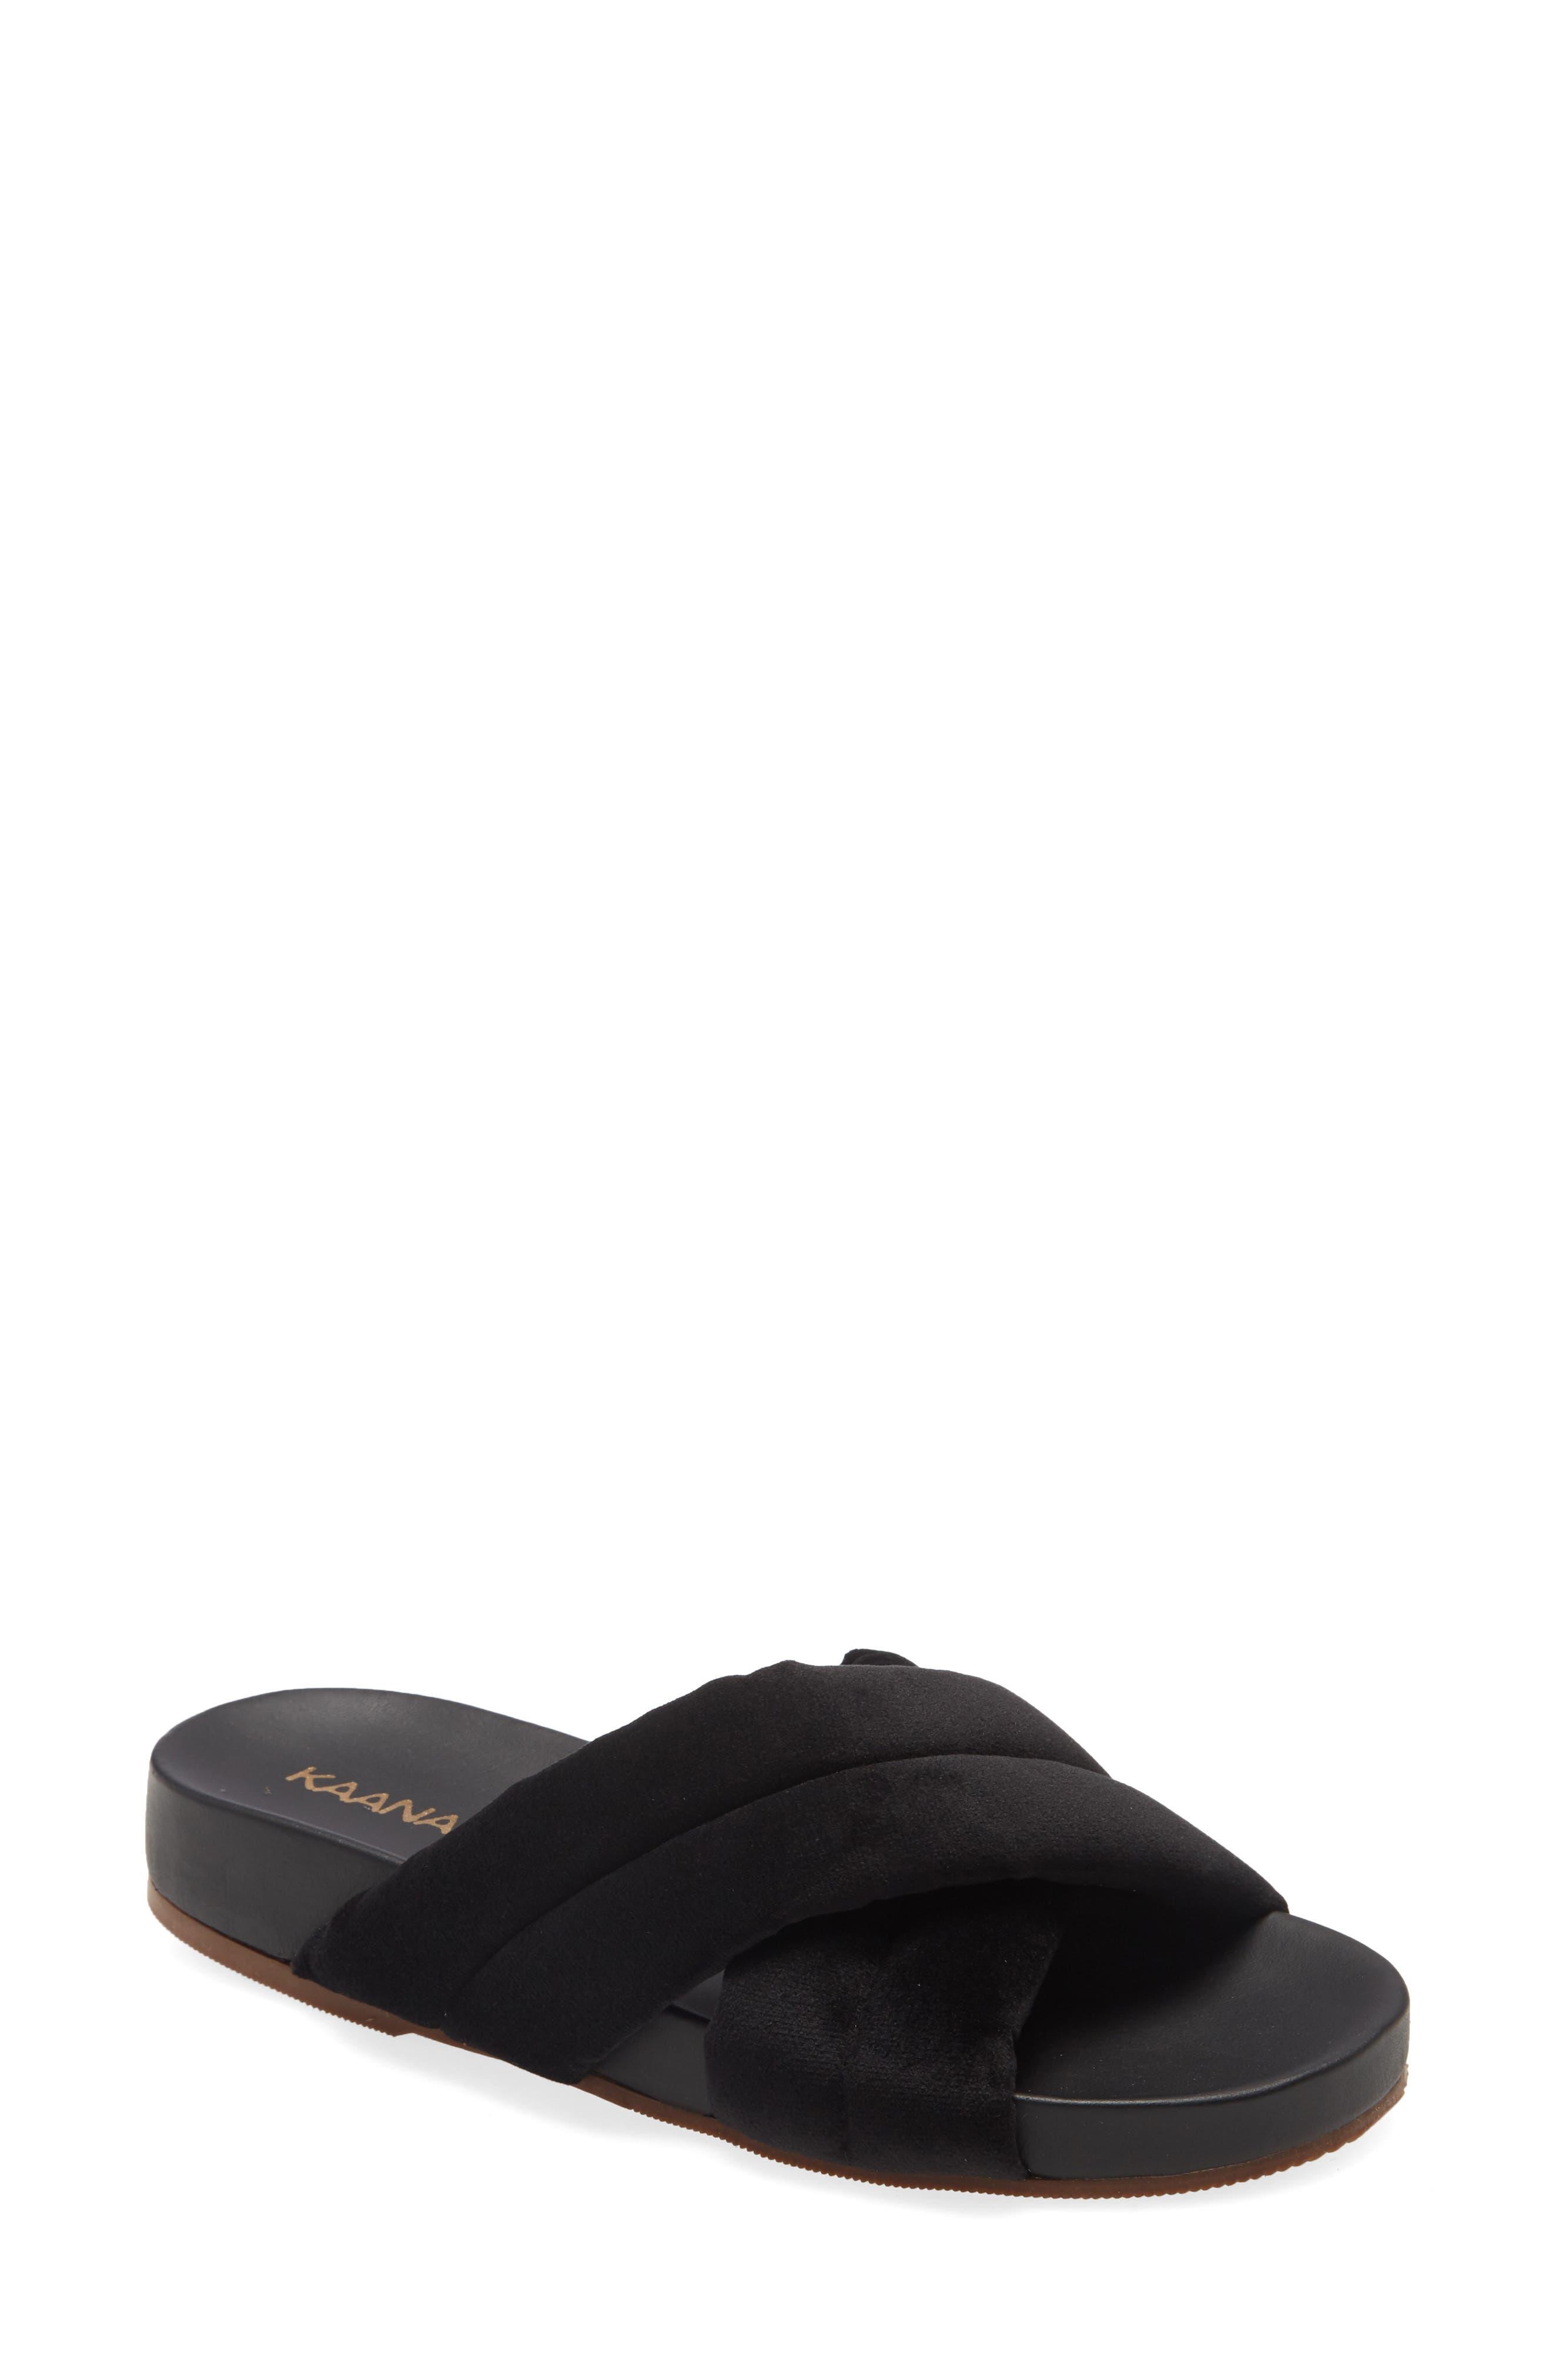 Sintra Slide Sandal